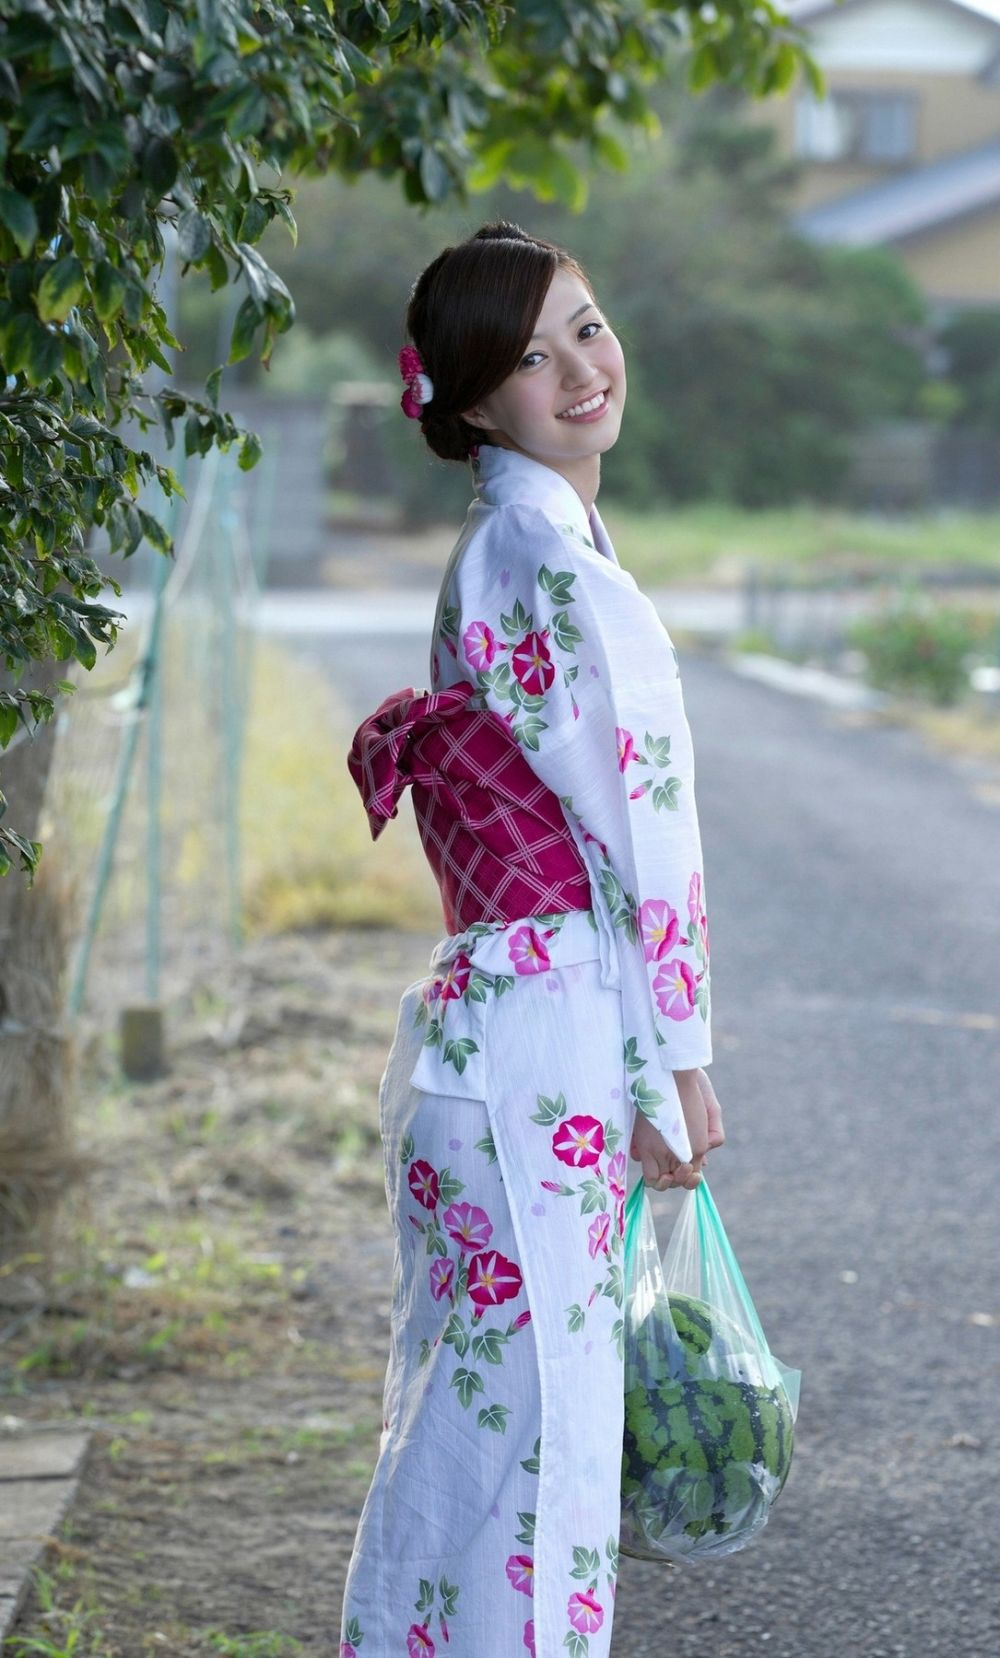 世界の憂鬱  海外・韓国の反応【日本人女性最高!】 韓国人「美しい日本人女性の着物姿をご覧下さい」 コメントコメントする